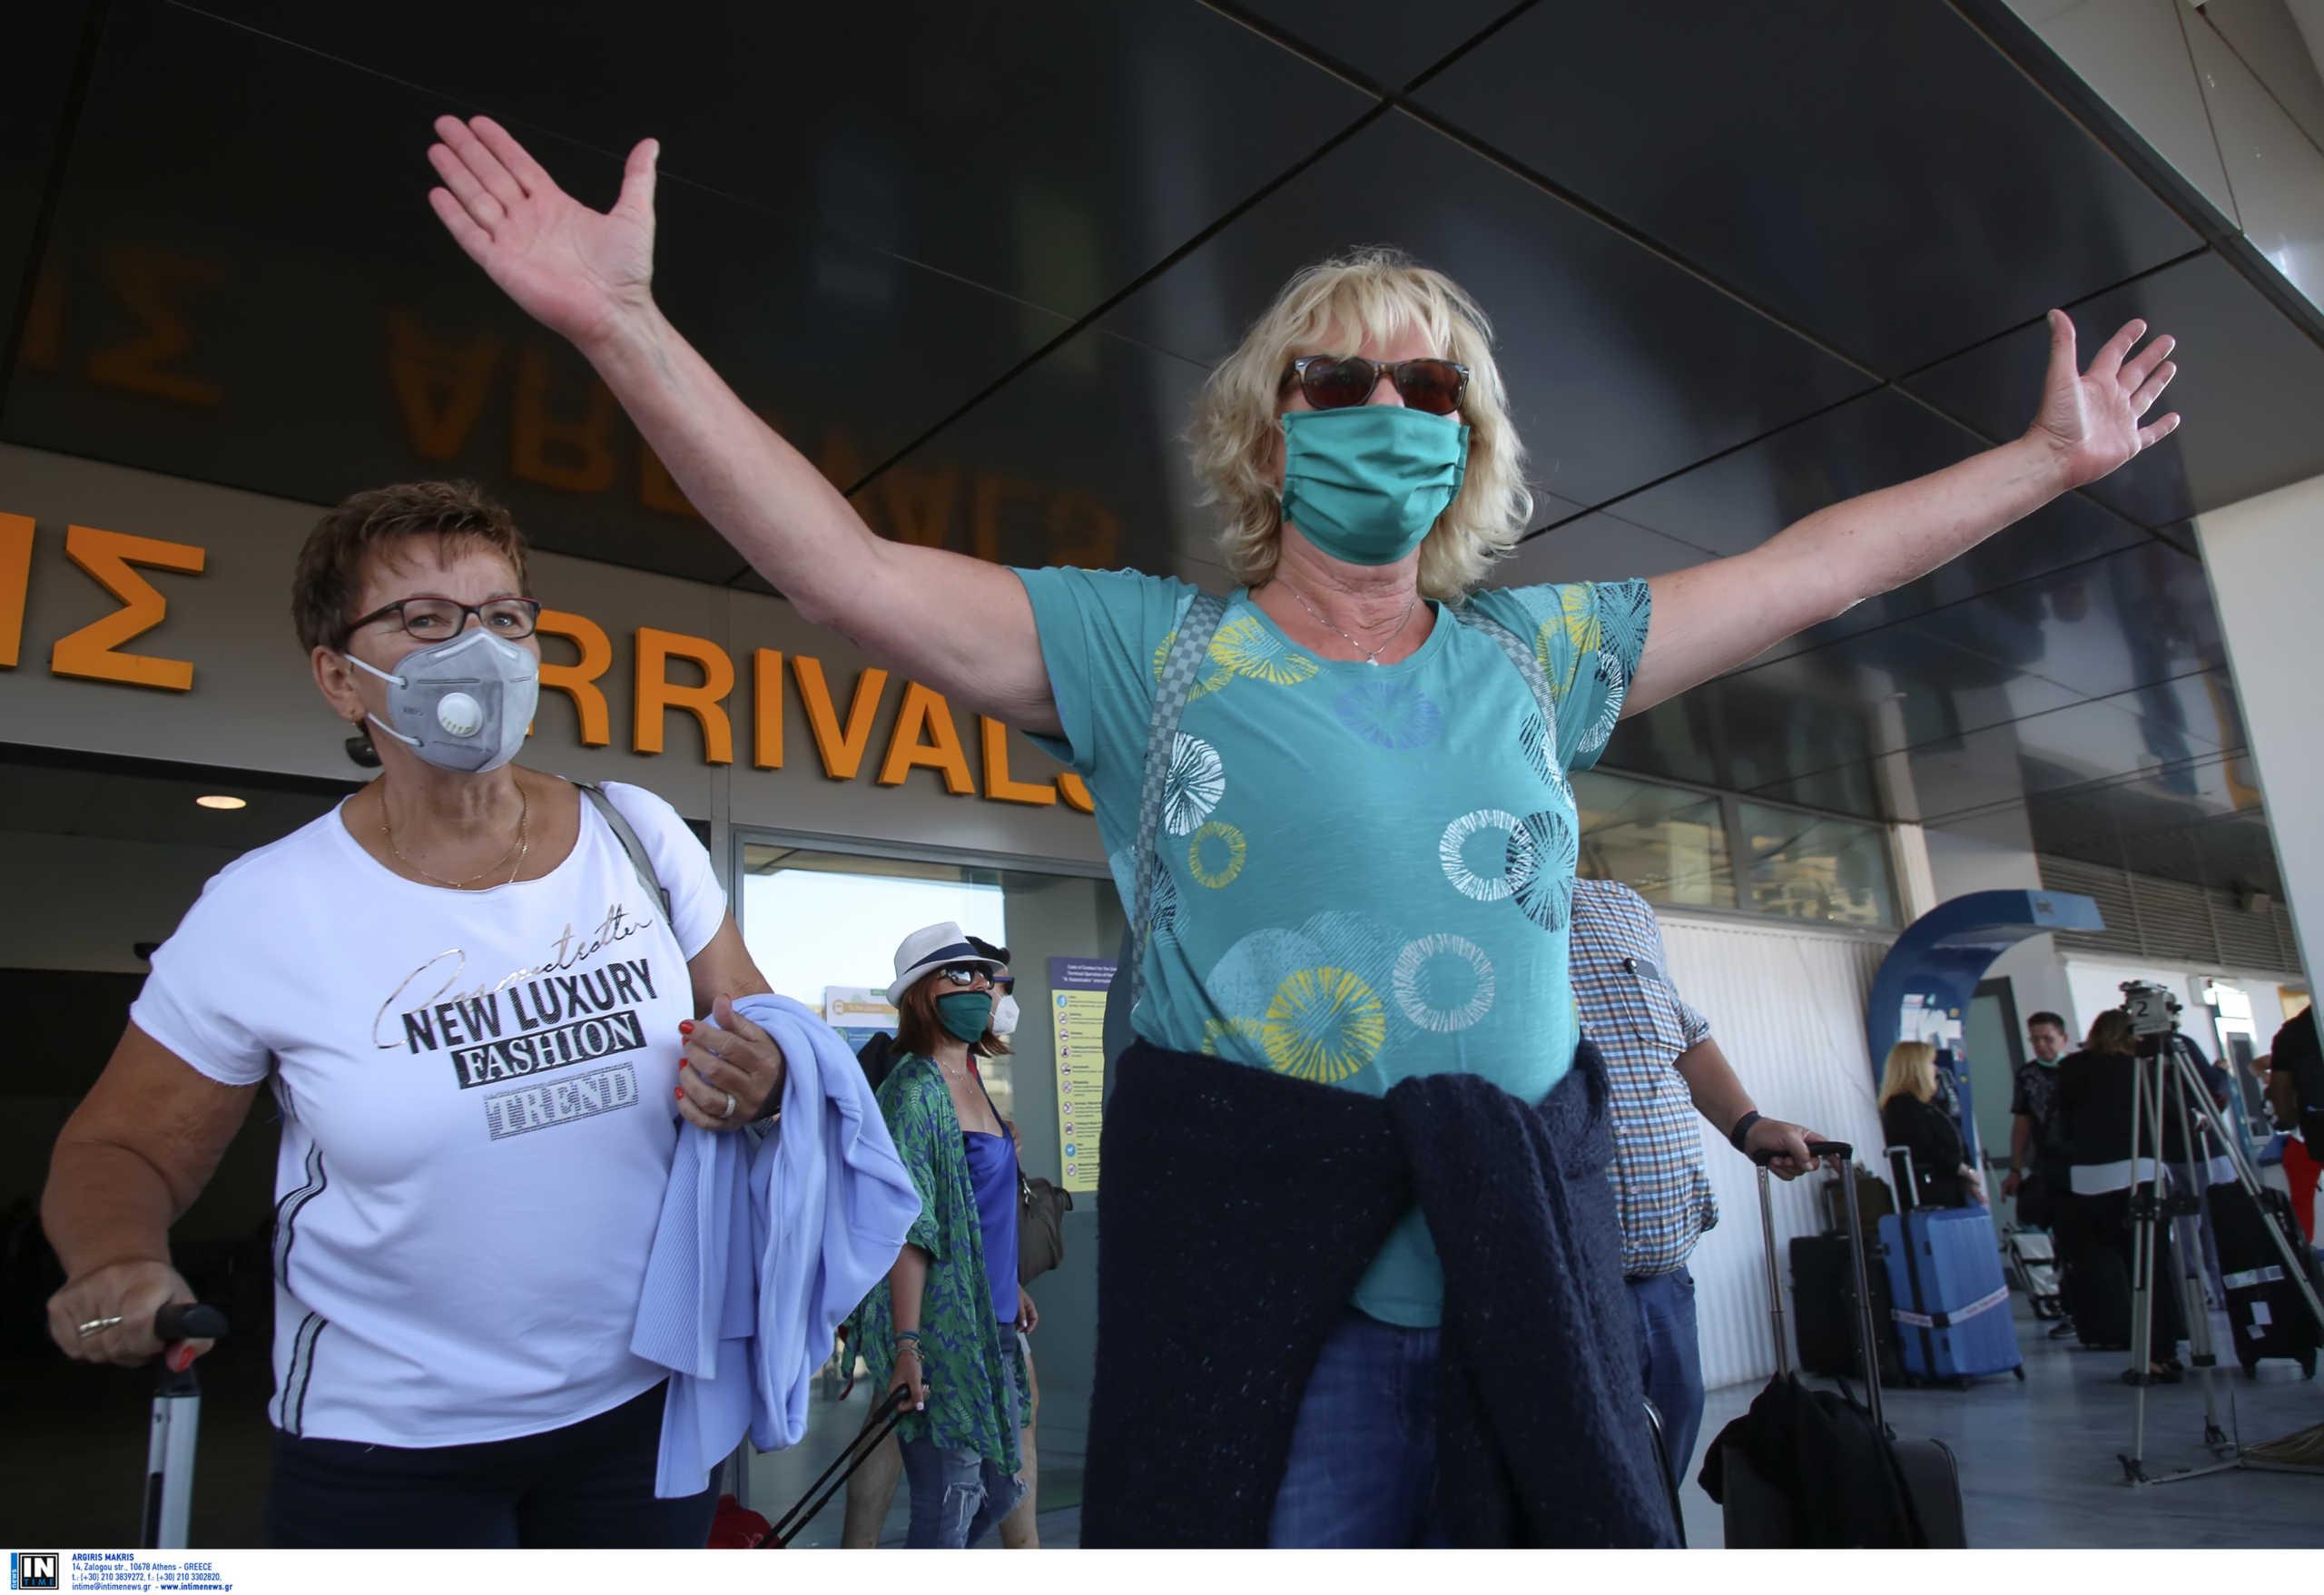 Ηράκλειο: Επιστρέφουν οι Βρετανοί τουρίστες! Γεμάτες οι πτήσεις που έρχονται στο αεροδρόμιο